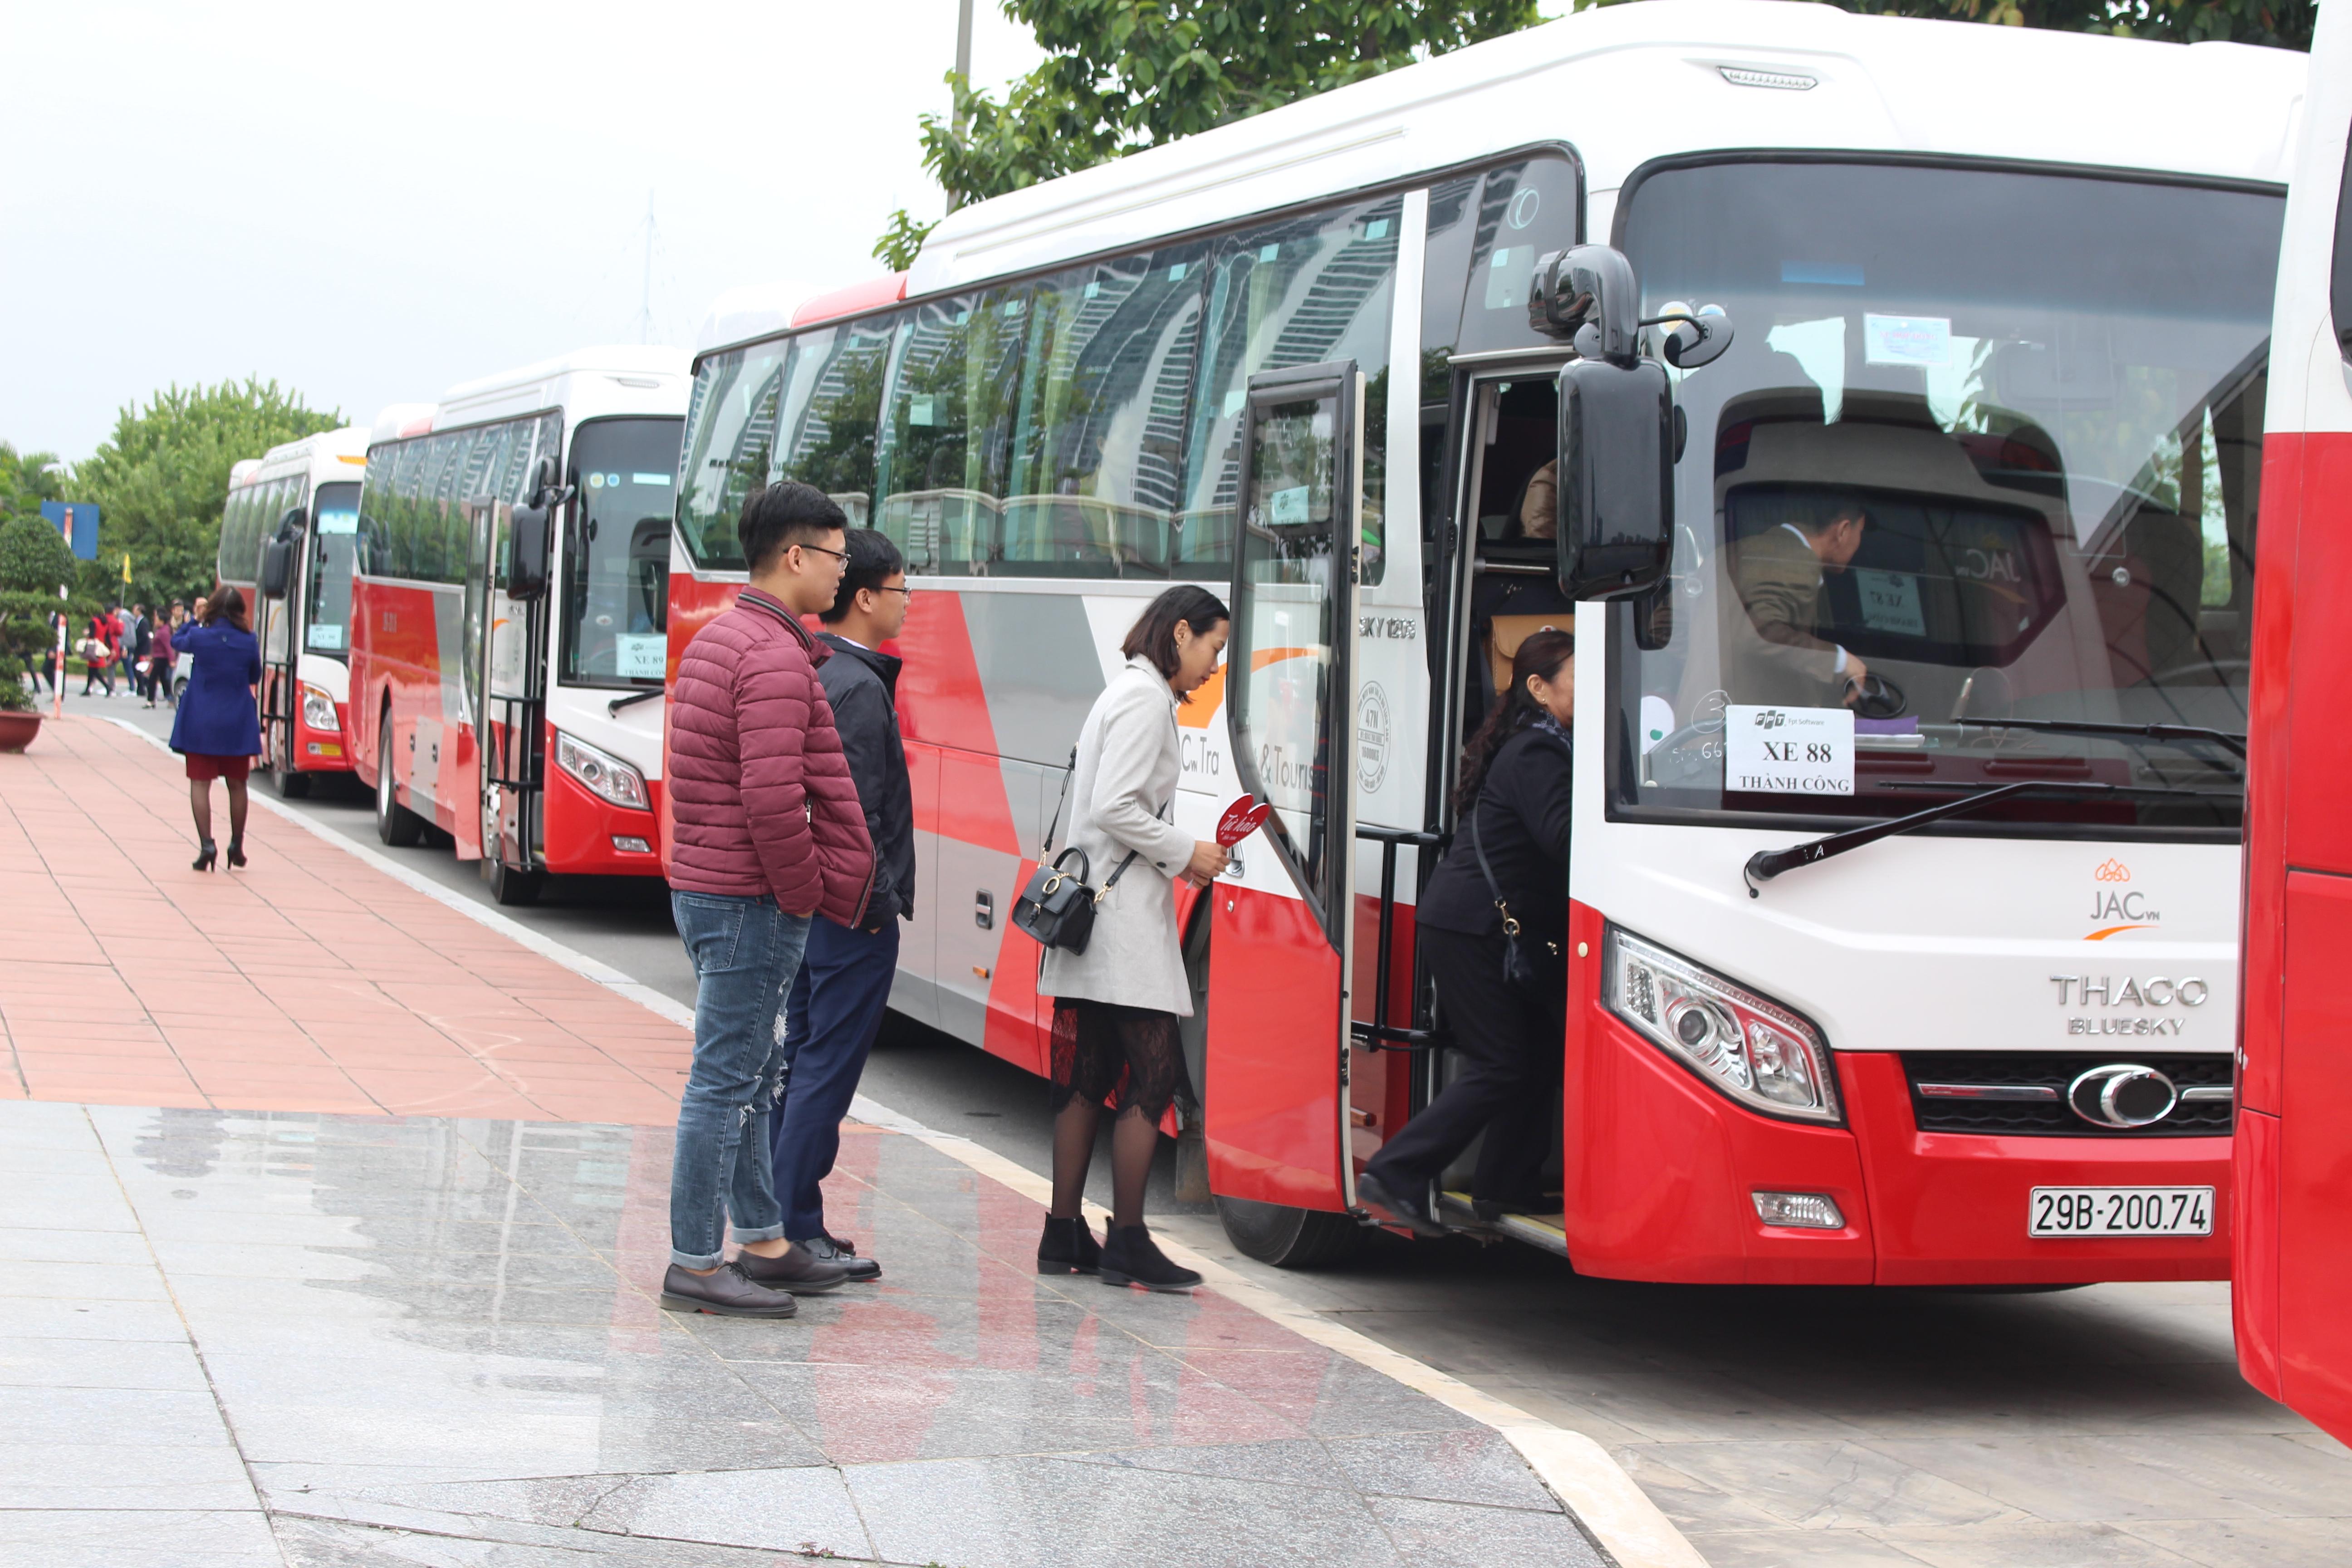 Sau phần lễ của chương trình, các phụ huynh sẽ lên xe bus do BTC chuẩn bị trước để đến tham quan nơi làm việc của con mình tại Hòa Lạc, Cầu Giấy, Keangnam, VPI và Thành Công. 90 xe bus được huy động để phục vụ hơn 3.000 phụ huynh đến tham quan các văn phòng của FPT Software khu vực Hà Nội. Ngày Phụ huynh FPT Software lần đầu được tổ chức vào năm 2006. Người đưa ra ý tưởng là nguyên Chủ tịch FPT Software Nguyễn Thành Nam. Trong chuyến thăm phụ huynh của một CBNV qua đời, anh Nam ấn tượng mạnh trước hình ảnh thân nhân của cán bộ cảm động với sự quan tâm của công ty. Từ đó, anh nhen nhóm ý tưởng về một ngày mời tất cả phụ huynh của đơn vị đến gặp mặt lãnh đạo, tìm hiểu về nơi con mình làm việc và để CBNV thêm dịp nhớ đến công sinh thành của cha mẹ. Theo truyền thống của đơn vị, cứ năm chẵn, Ngày Phụ huynh sẽ tổ chức gặp mặt. Còn năm lẻ, công ty sẽ gửi thiệp tới các bậc sinh thành. Trước đó, FPT Software cũng đã đón tiếp và tri ân gần 5.000 phụ huynh khu vực miền Nam (tại TP HCM) và khu vực miền Trung (tại Đà Nẵng) vào các ngày 8 và 14/12 vừa qua.Ảnh:Diệu Anh.